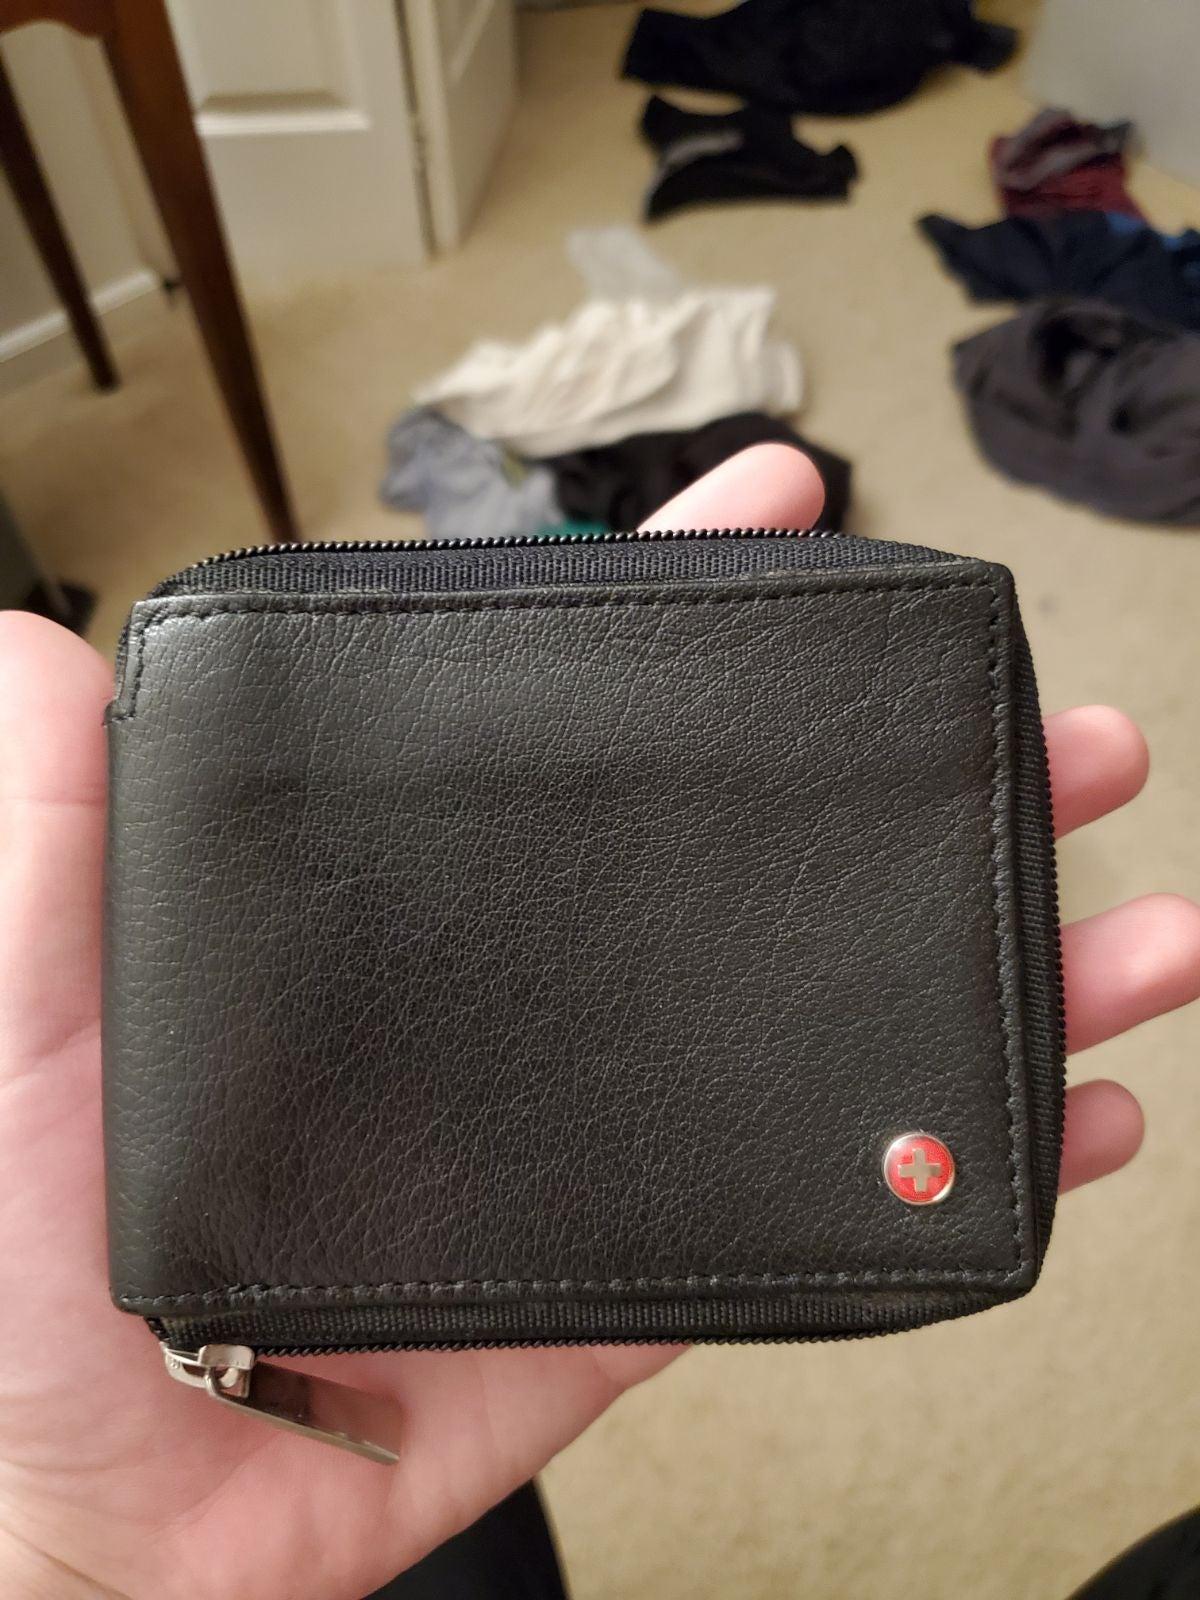 Alpine swissgear wallet